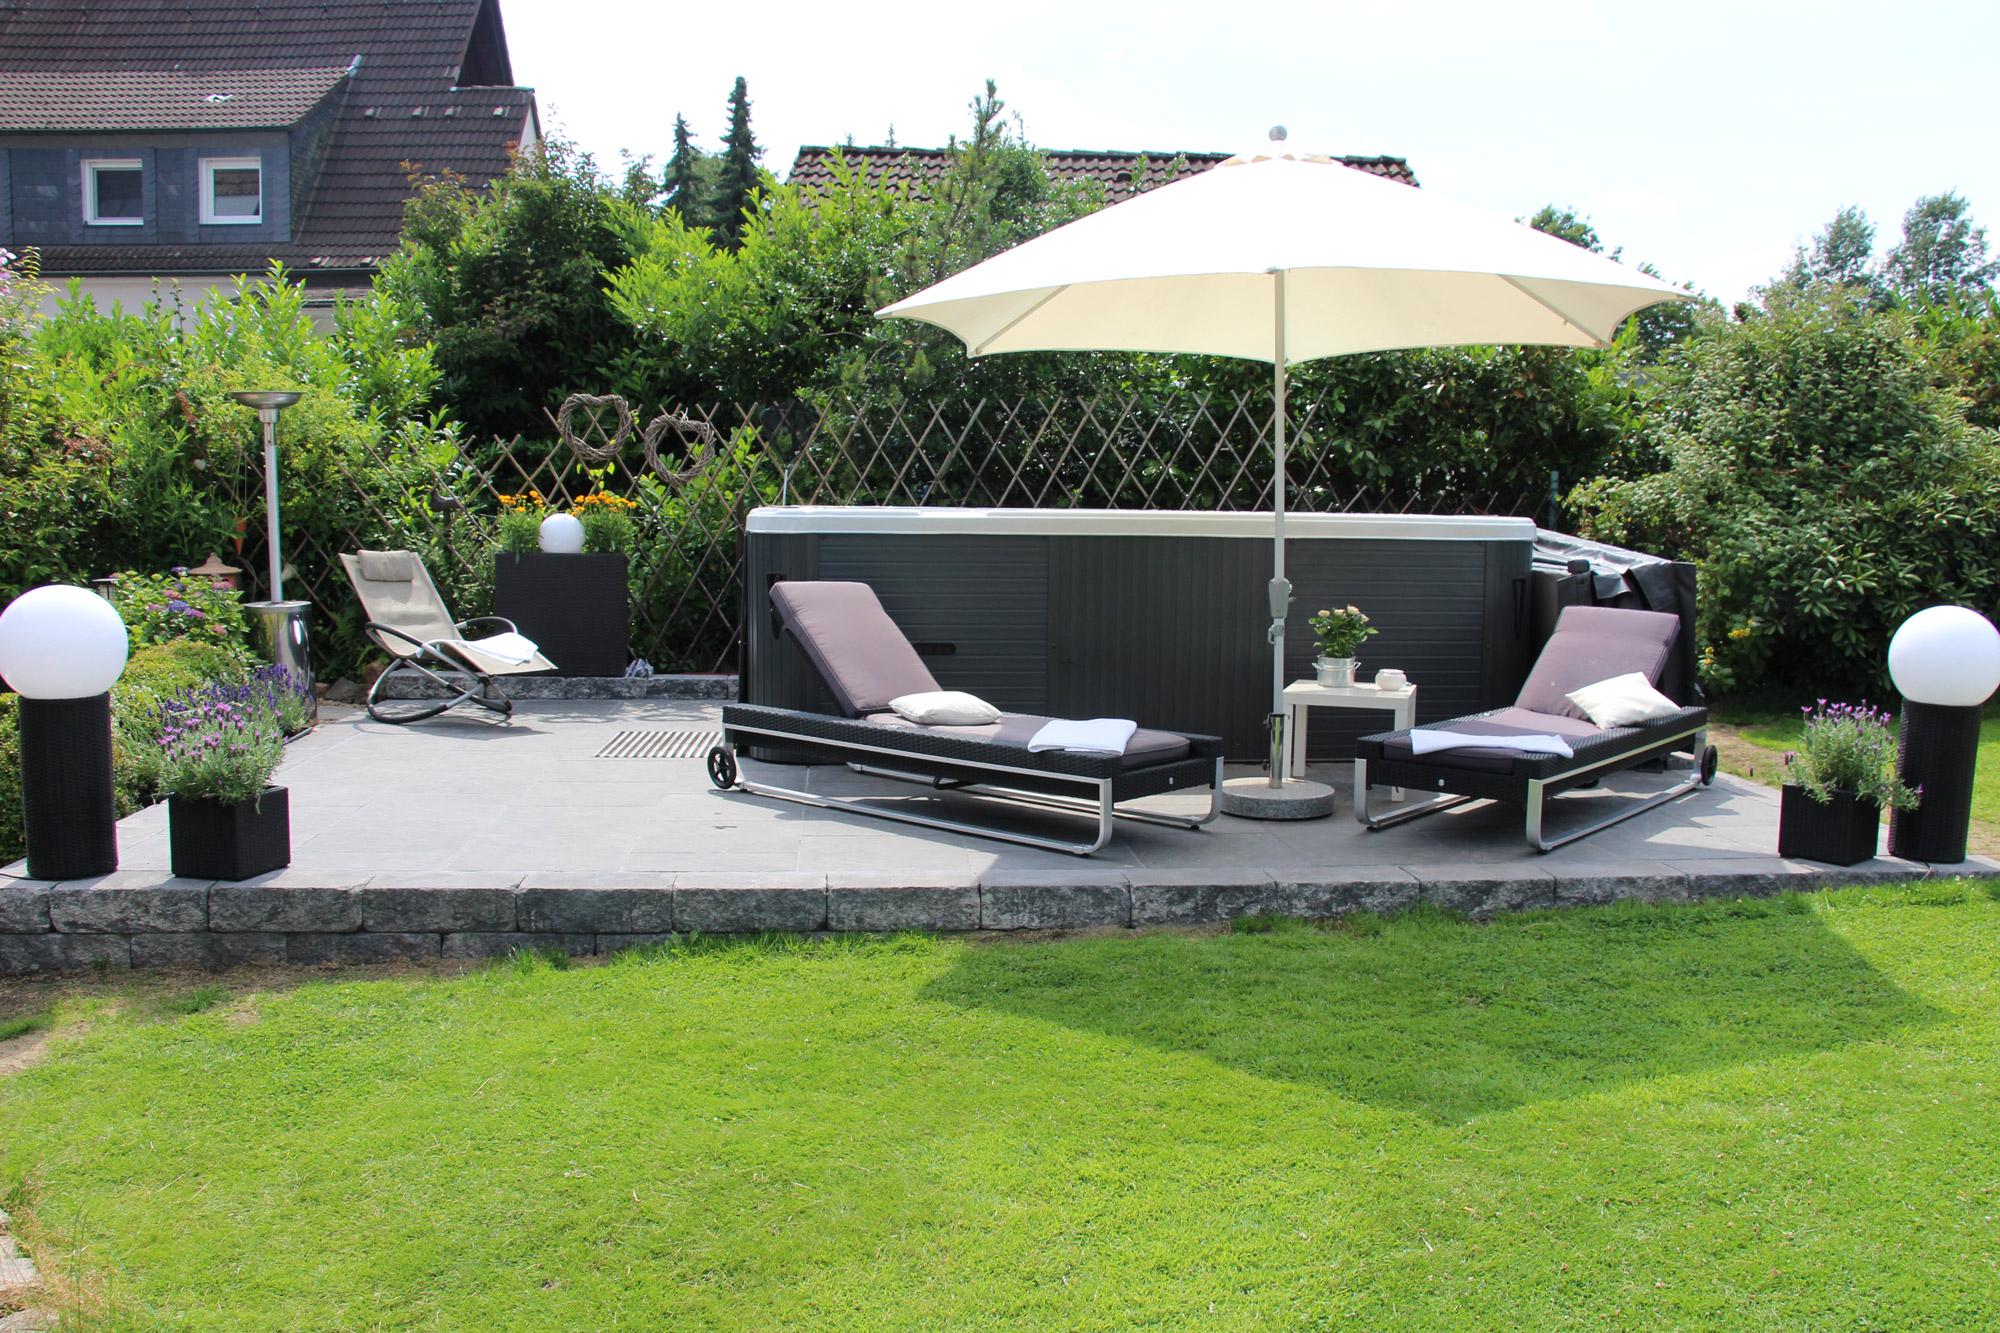 terrassen andreas hanik garten und landschaftsbau. Black Bedroom Furniture Sets. Home Design Ideas